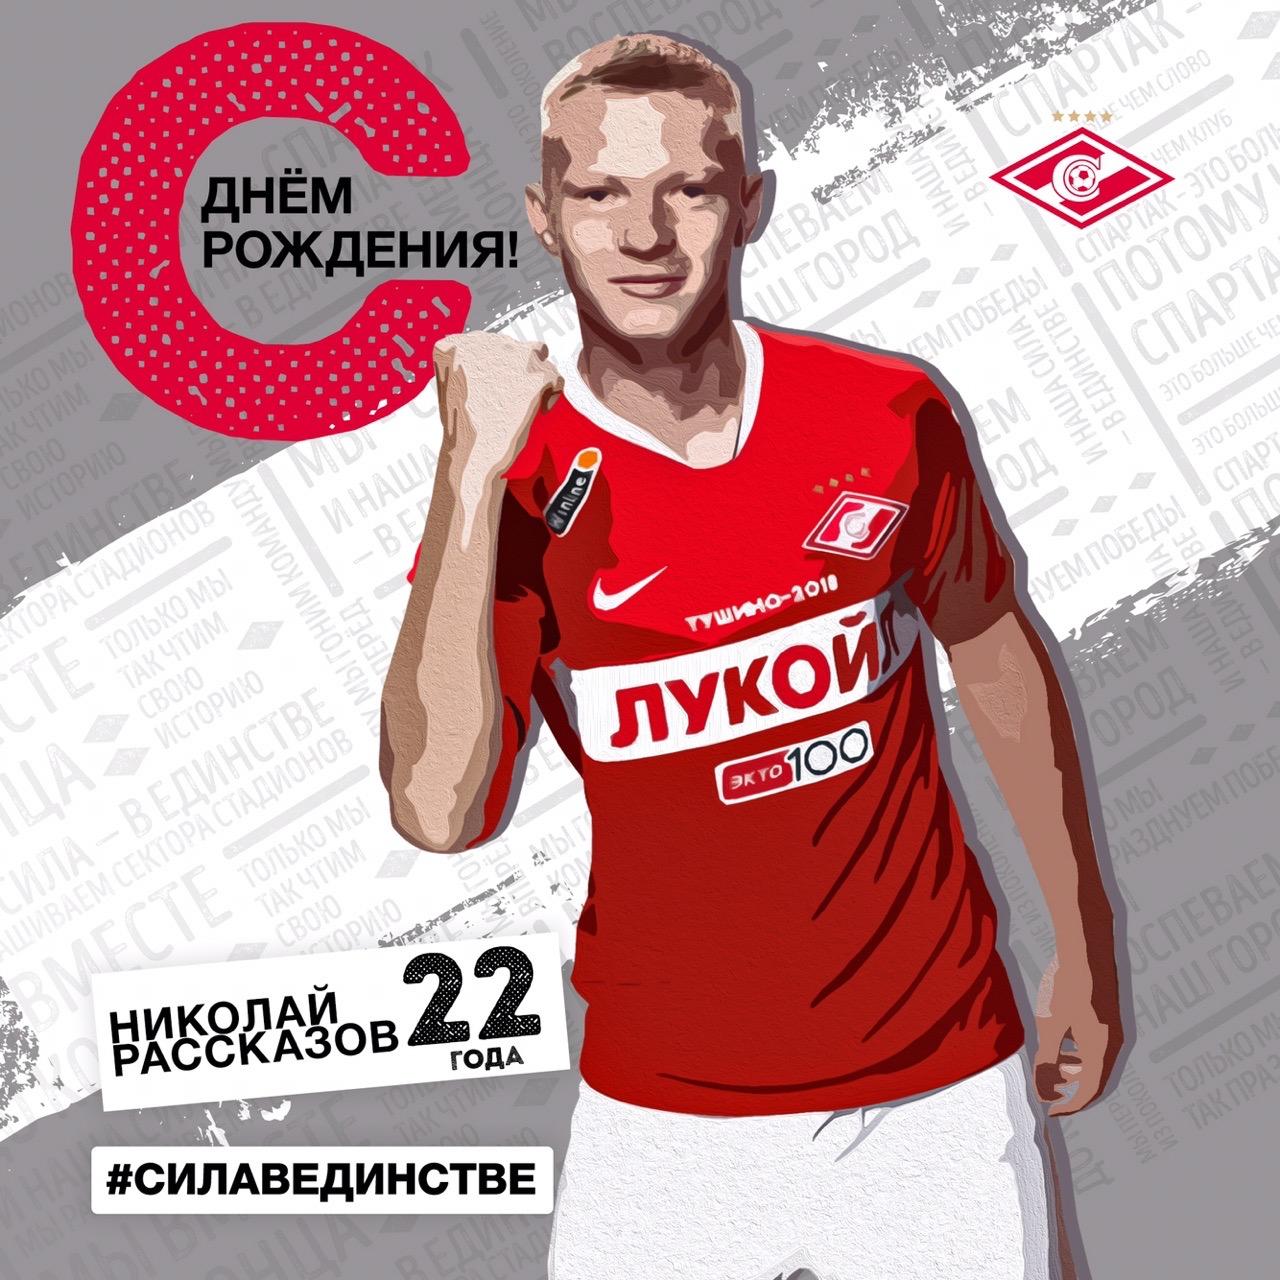 Николаю Рассказову – 22!